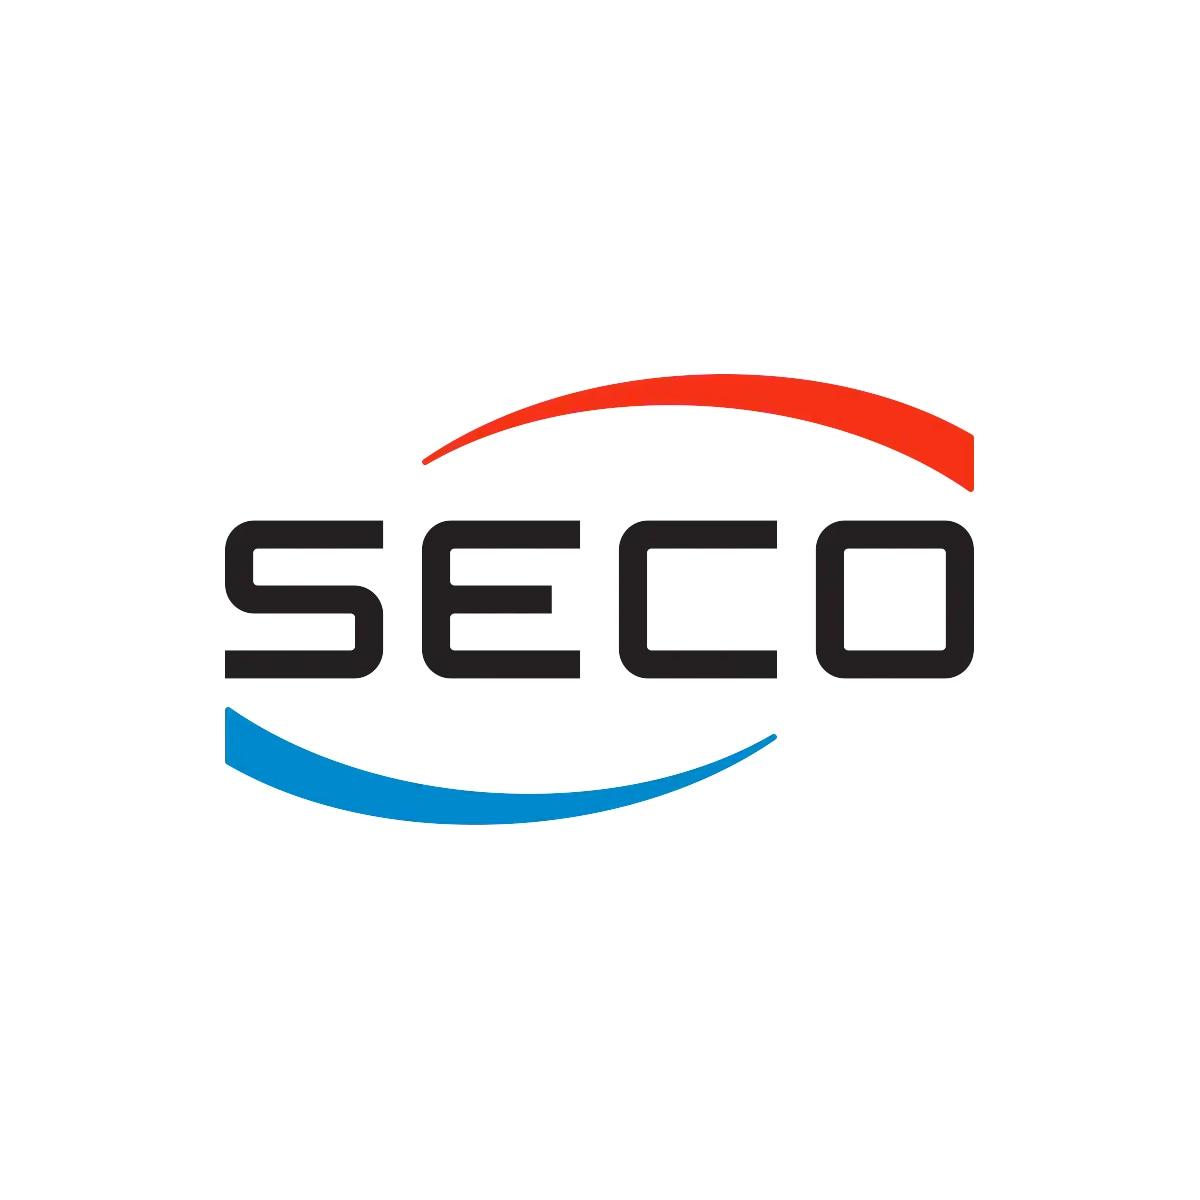 SECO, ok da Borsa Italiana a quotazione